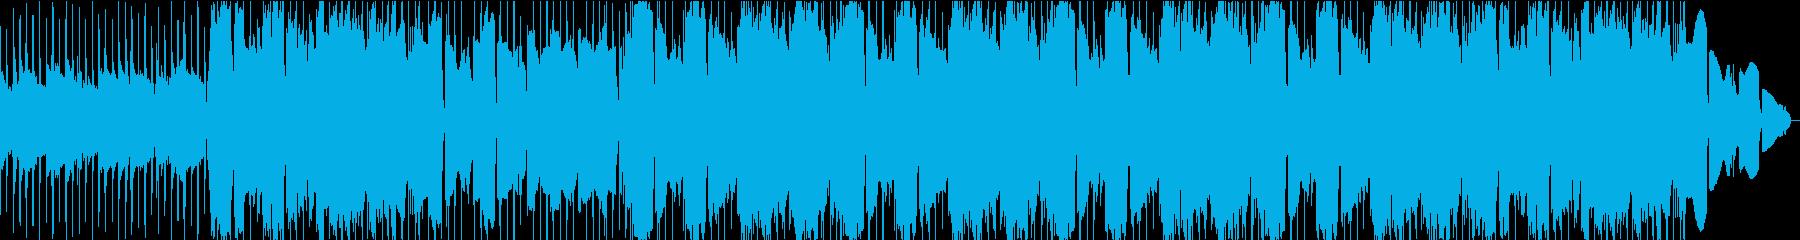 メロディアスで哀愁感のあるチルアウトの再生済みの波形